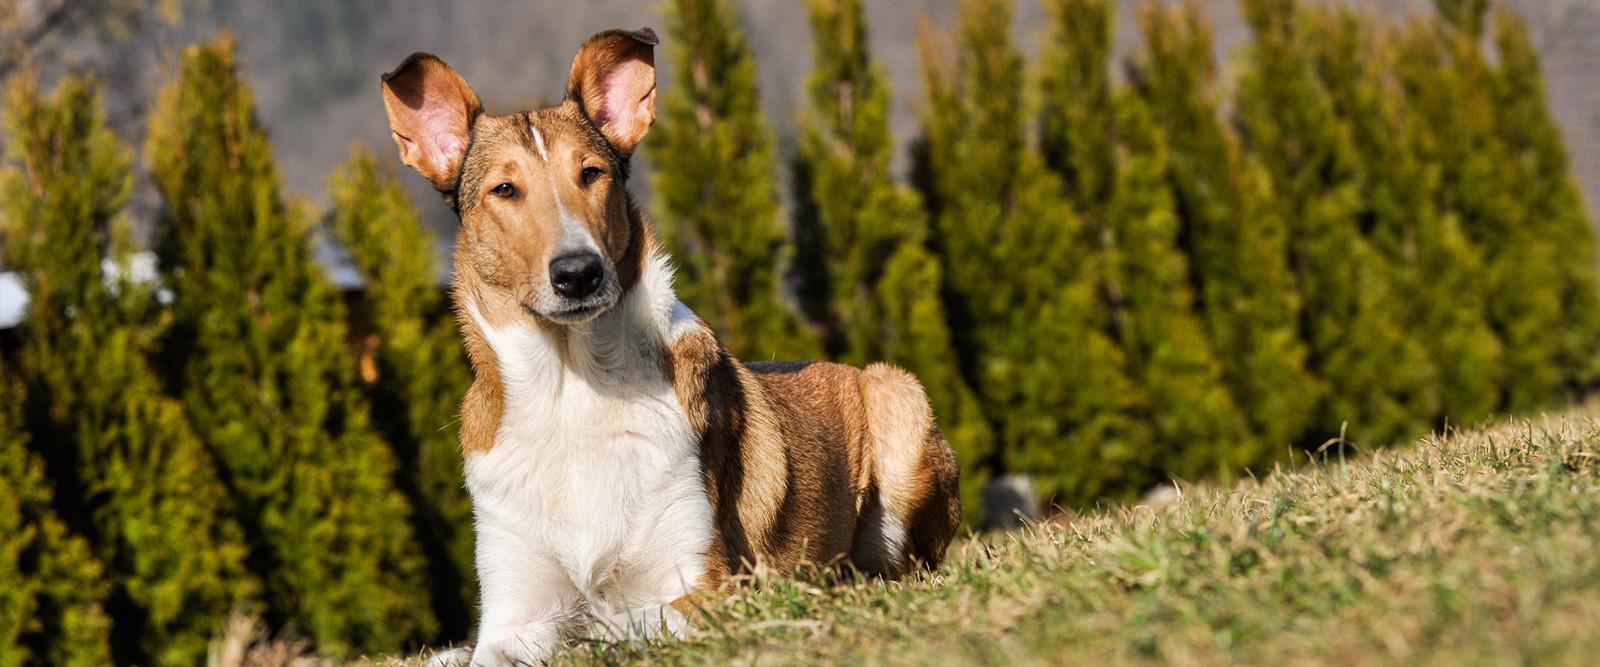 Blog z myślą o zdrowiu zwierząt domowych - wkrótce pierwsze wpisy